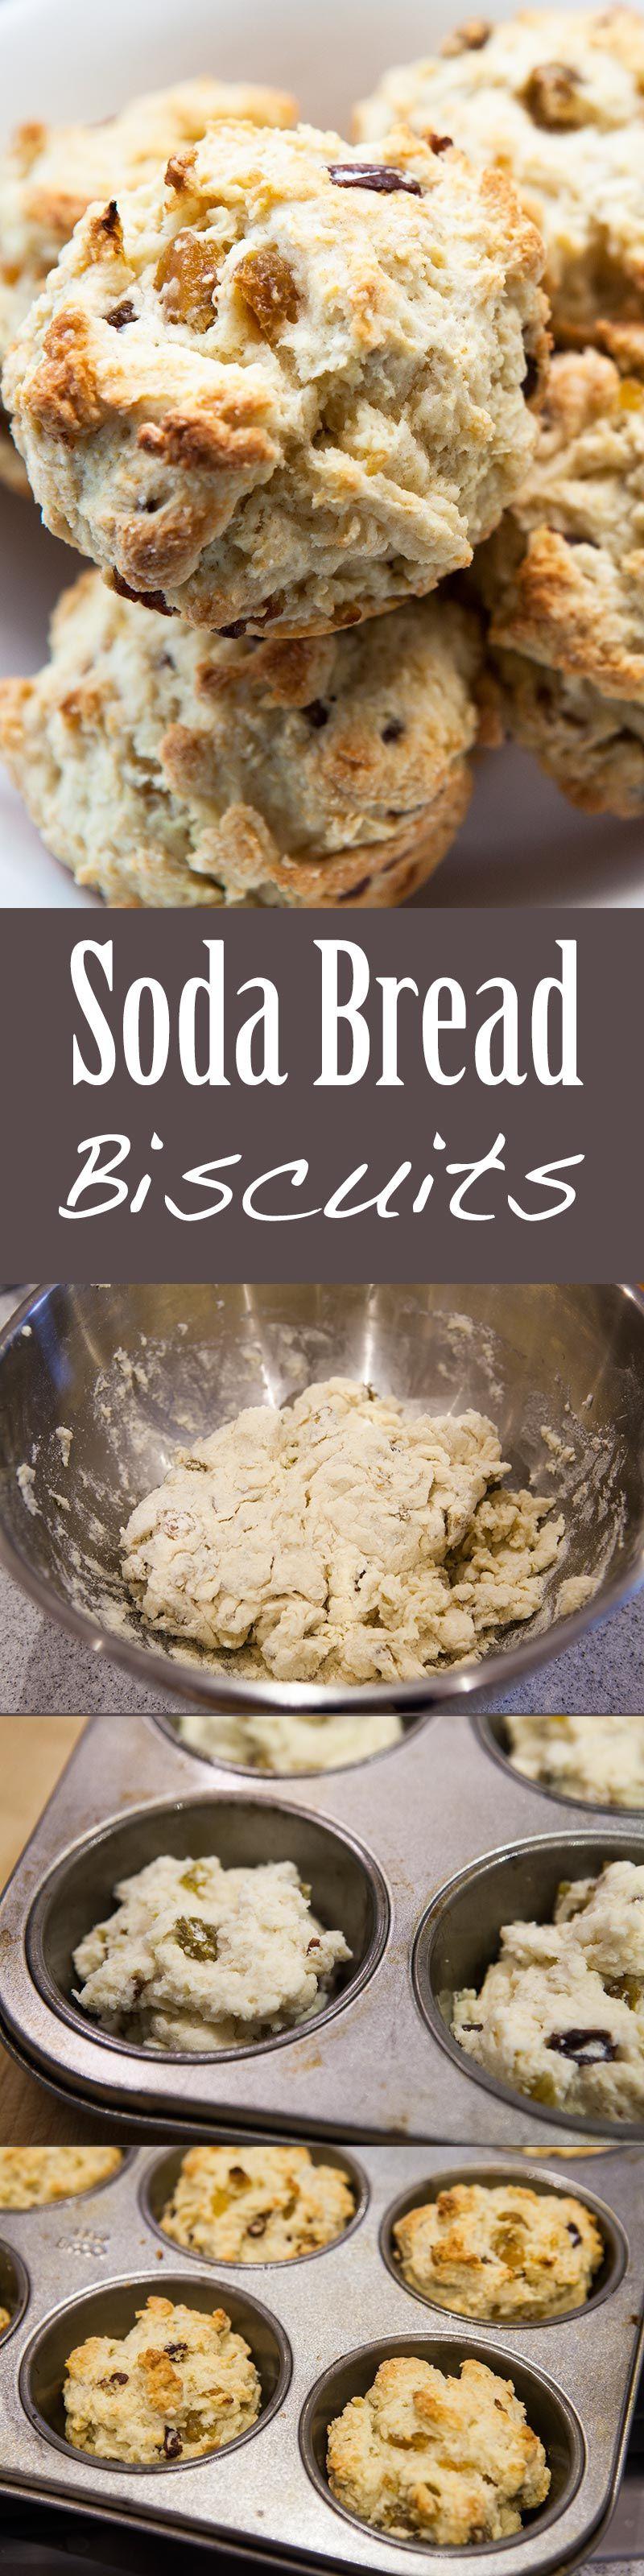 Soda Bread Biscuits Recipe Simplyrecipes Com Recipe Soda Bread Food Biscuit Recipe